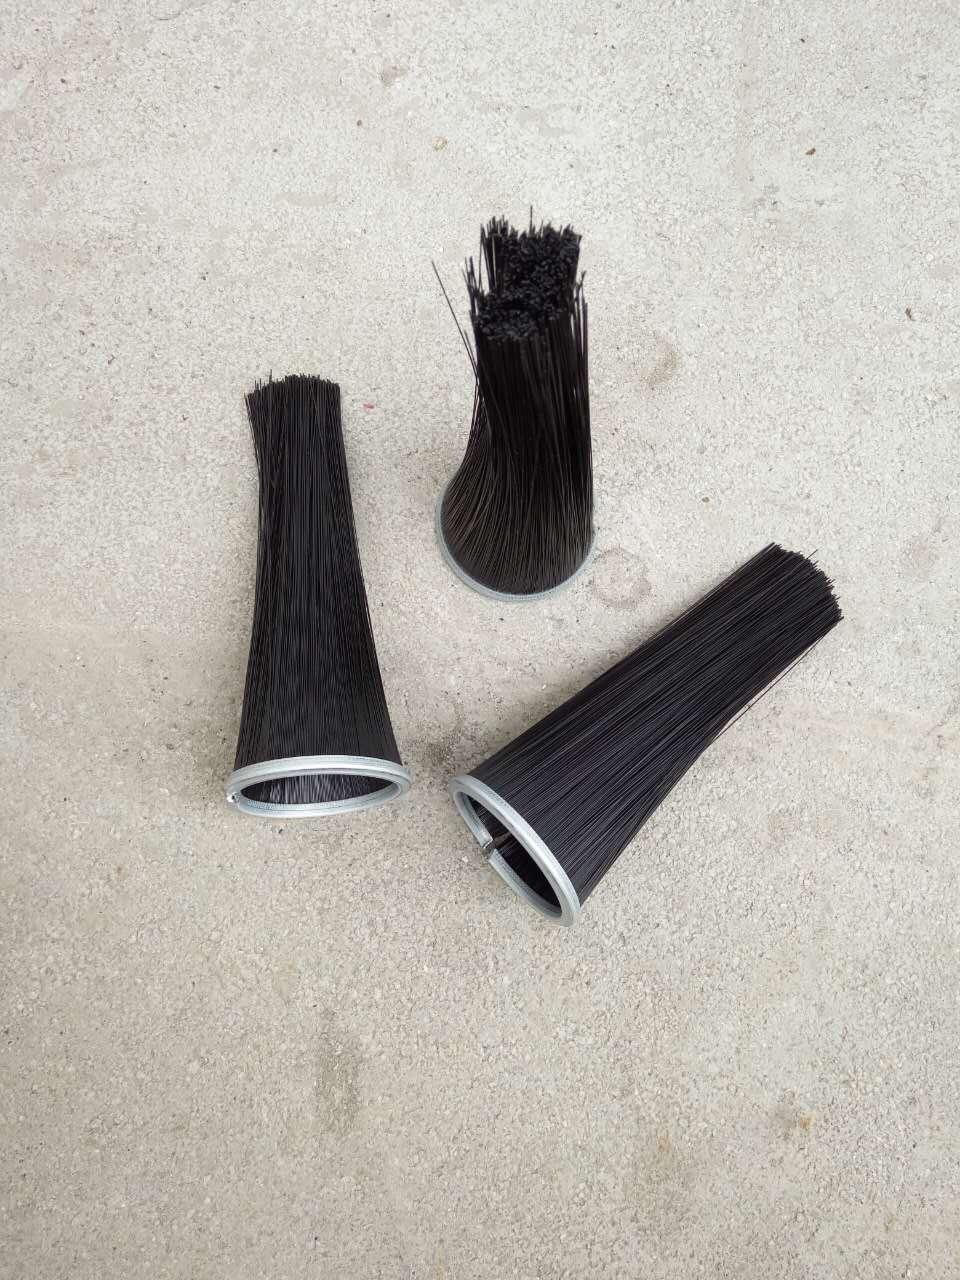 弹簧刷生产加工-安庆质量良好的弹簧刷批售